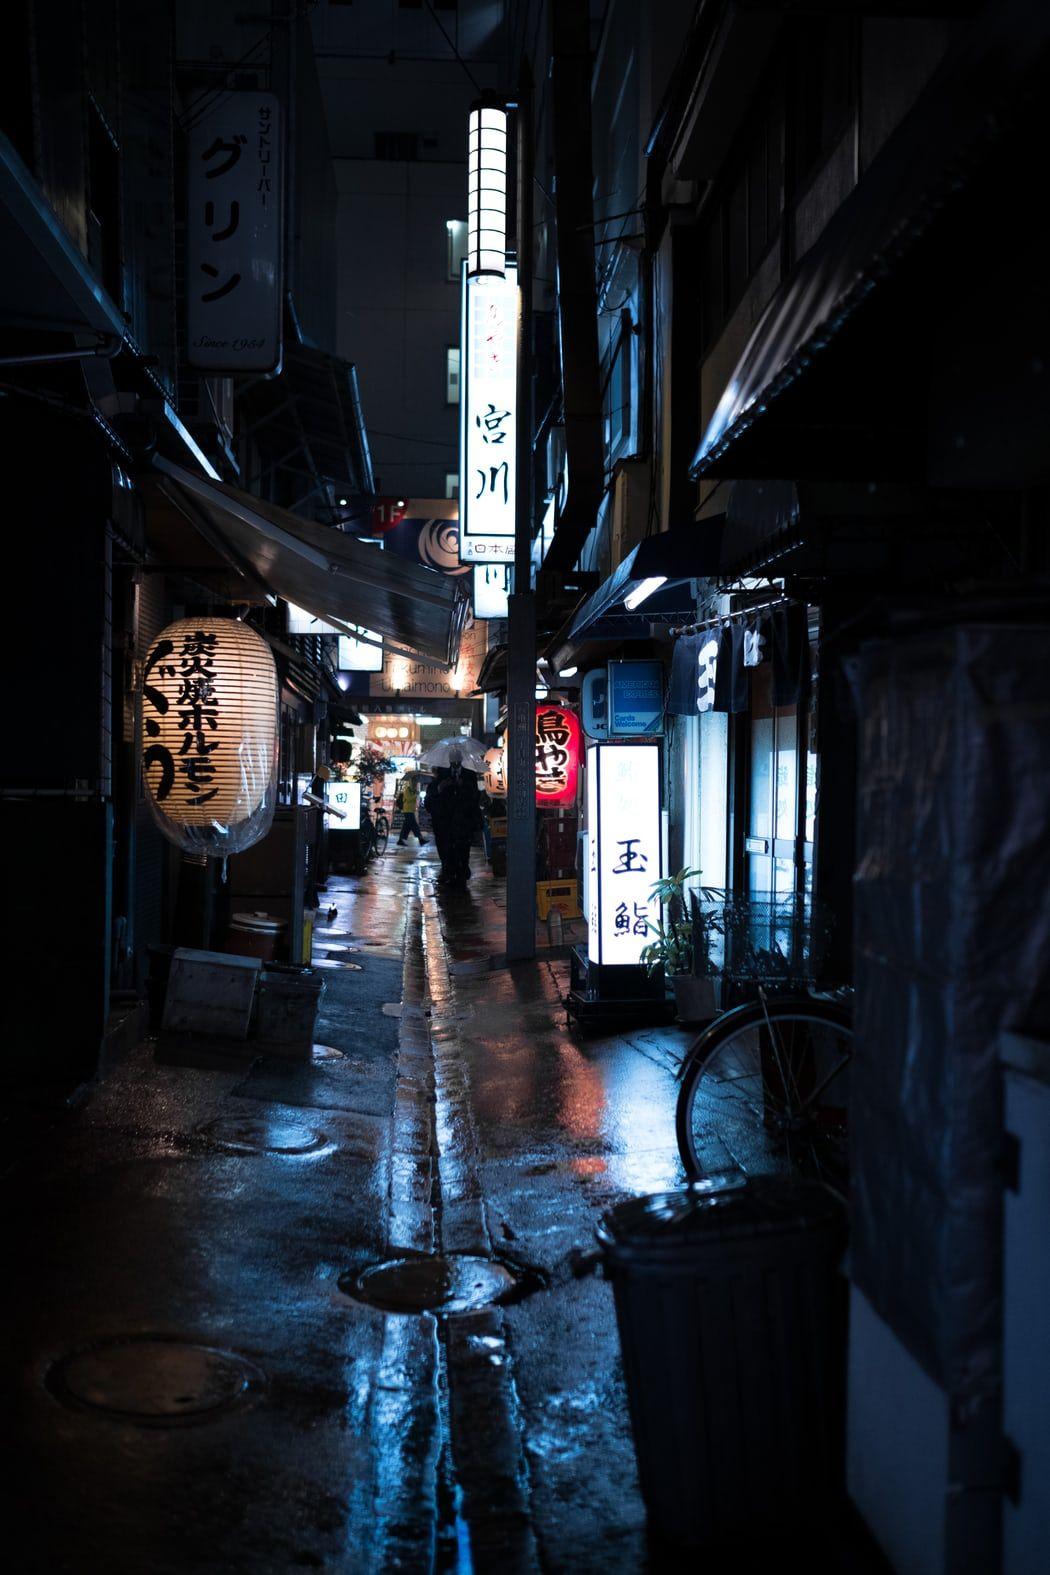 Красивый фон аниме улица ночь 22